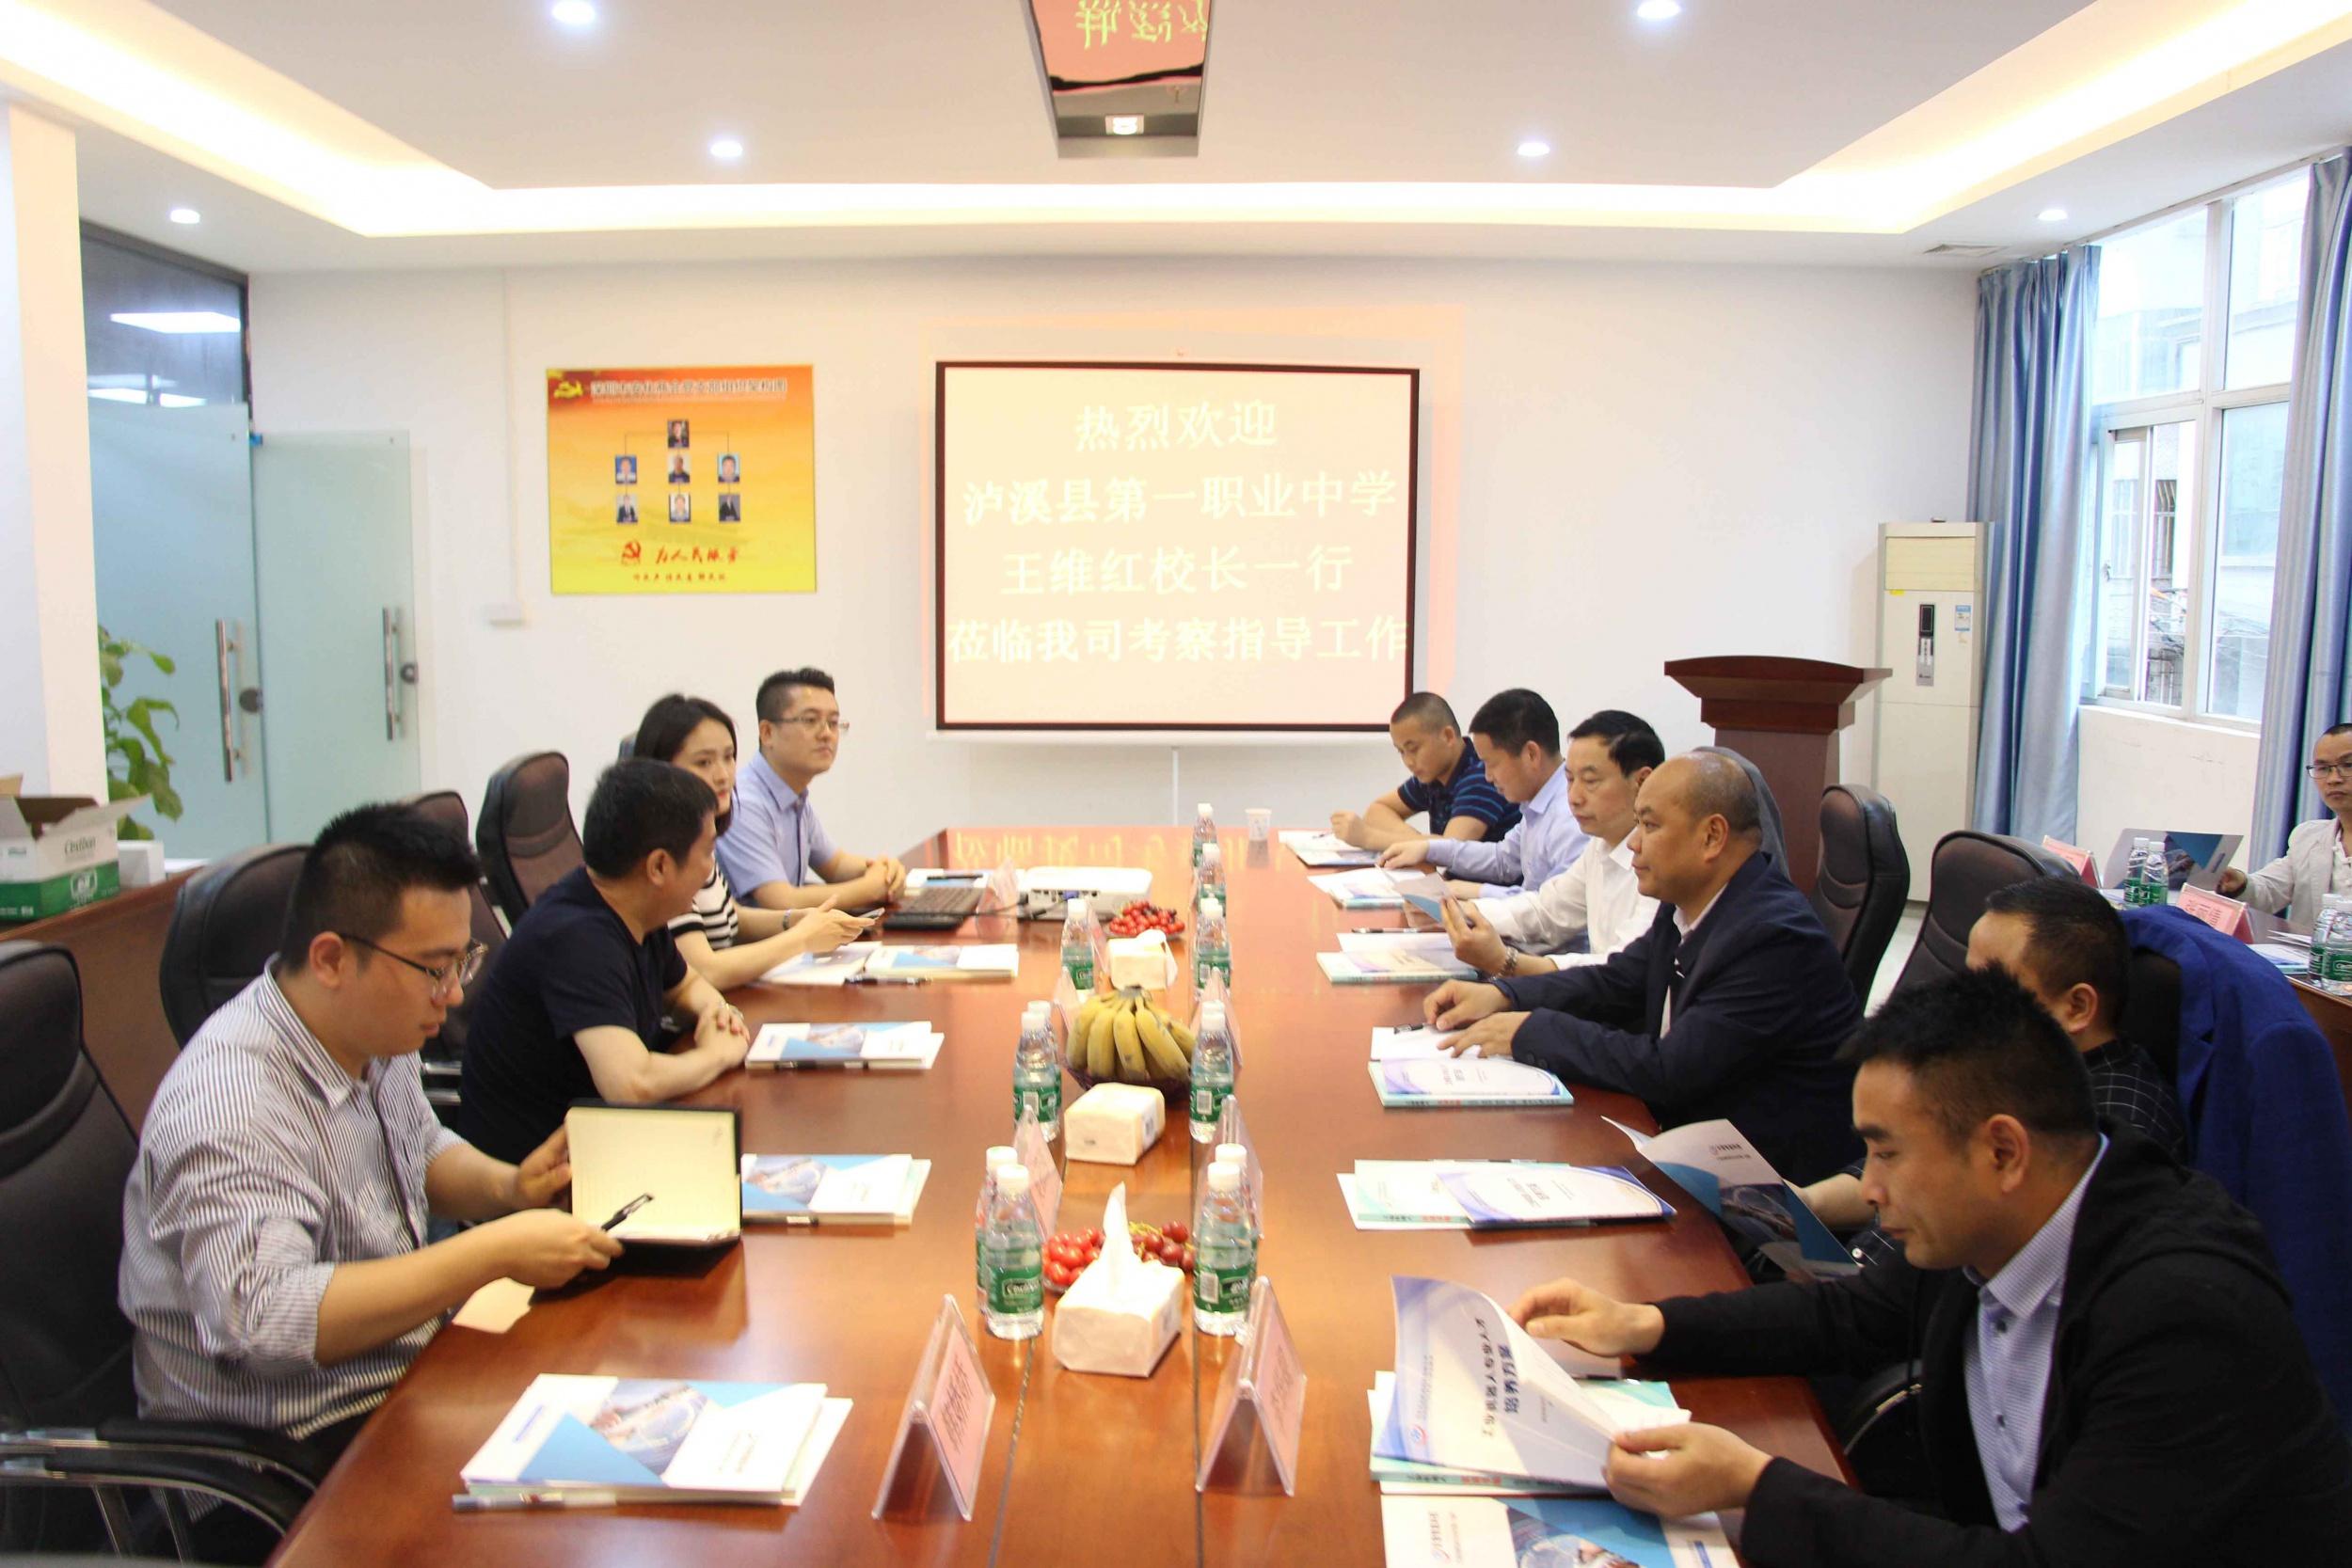 热烈欢迎泸溪县第一职业中学王维红校长一行莅临我司指导工作